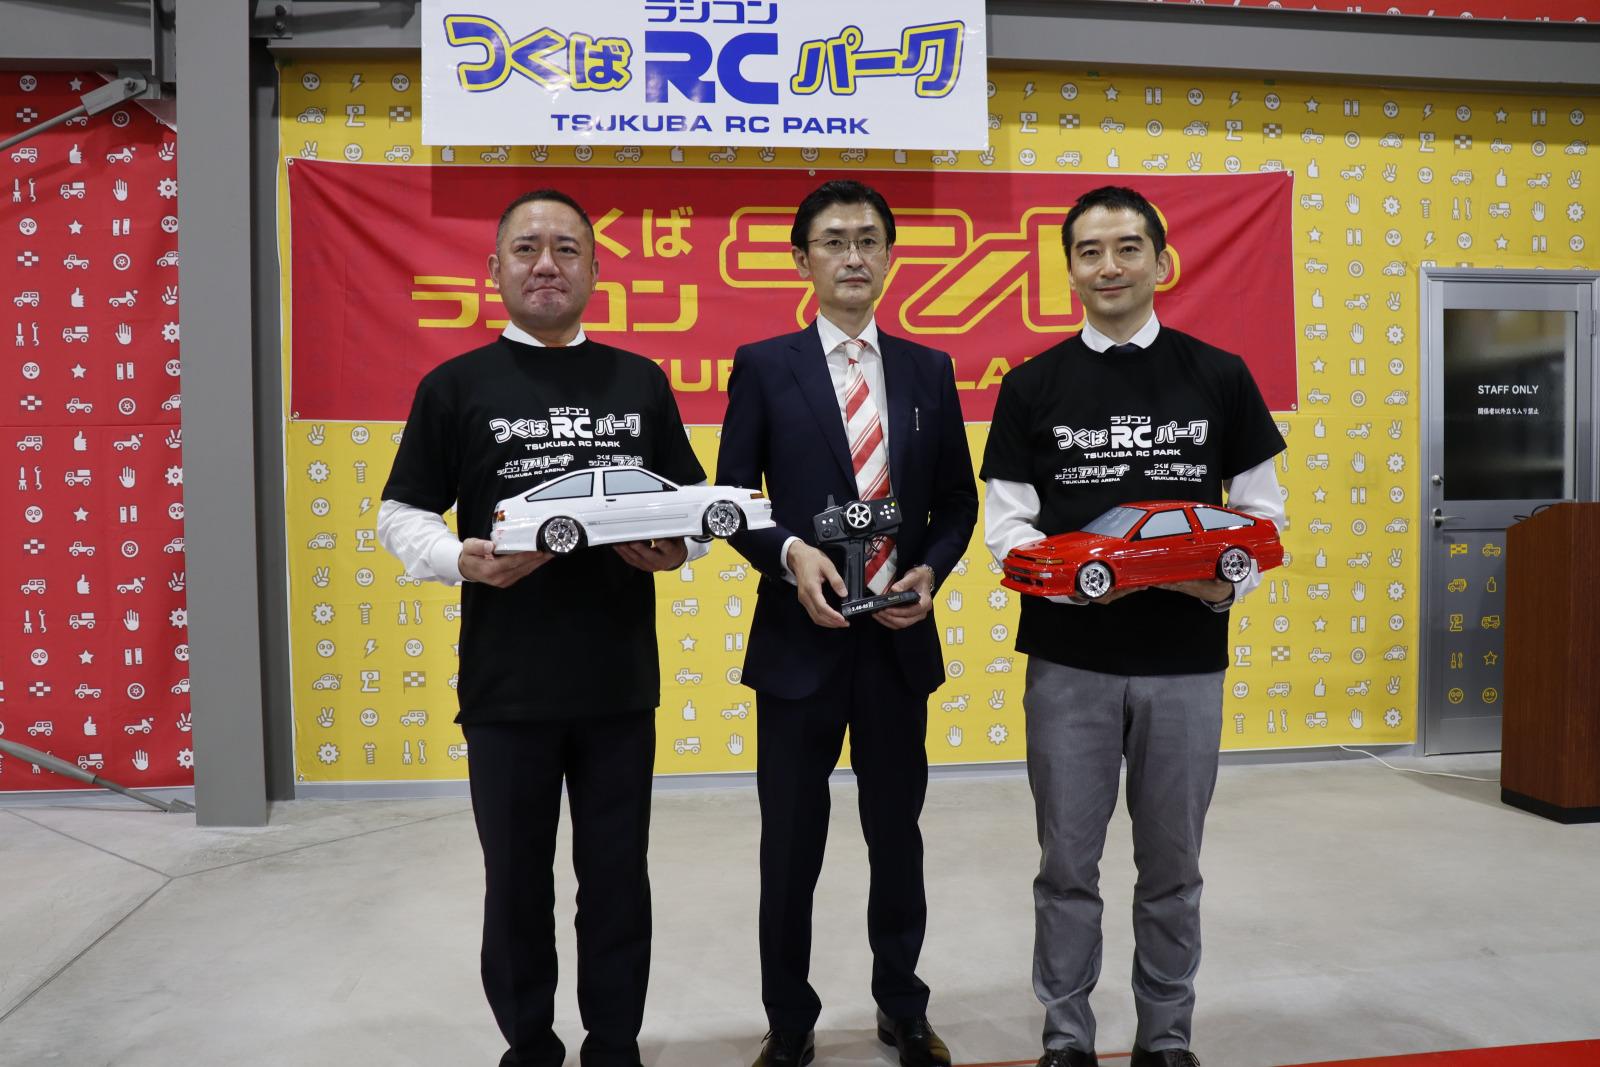 左から神谷大蔵つくば市議会議長、鈴木茂樹ヨコモ代表取締役社長、五十嵐立青つくば市長。